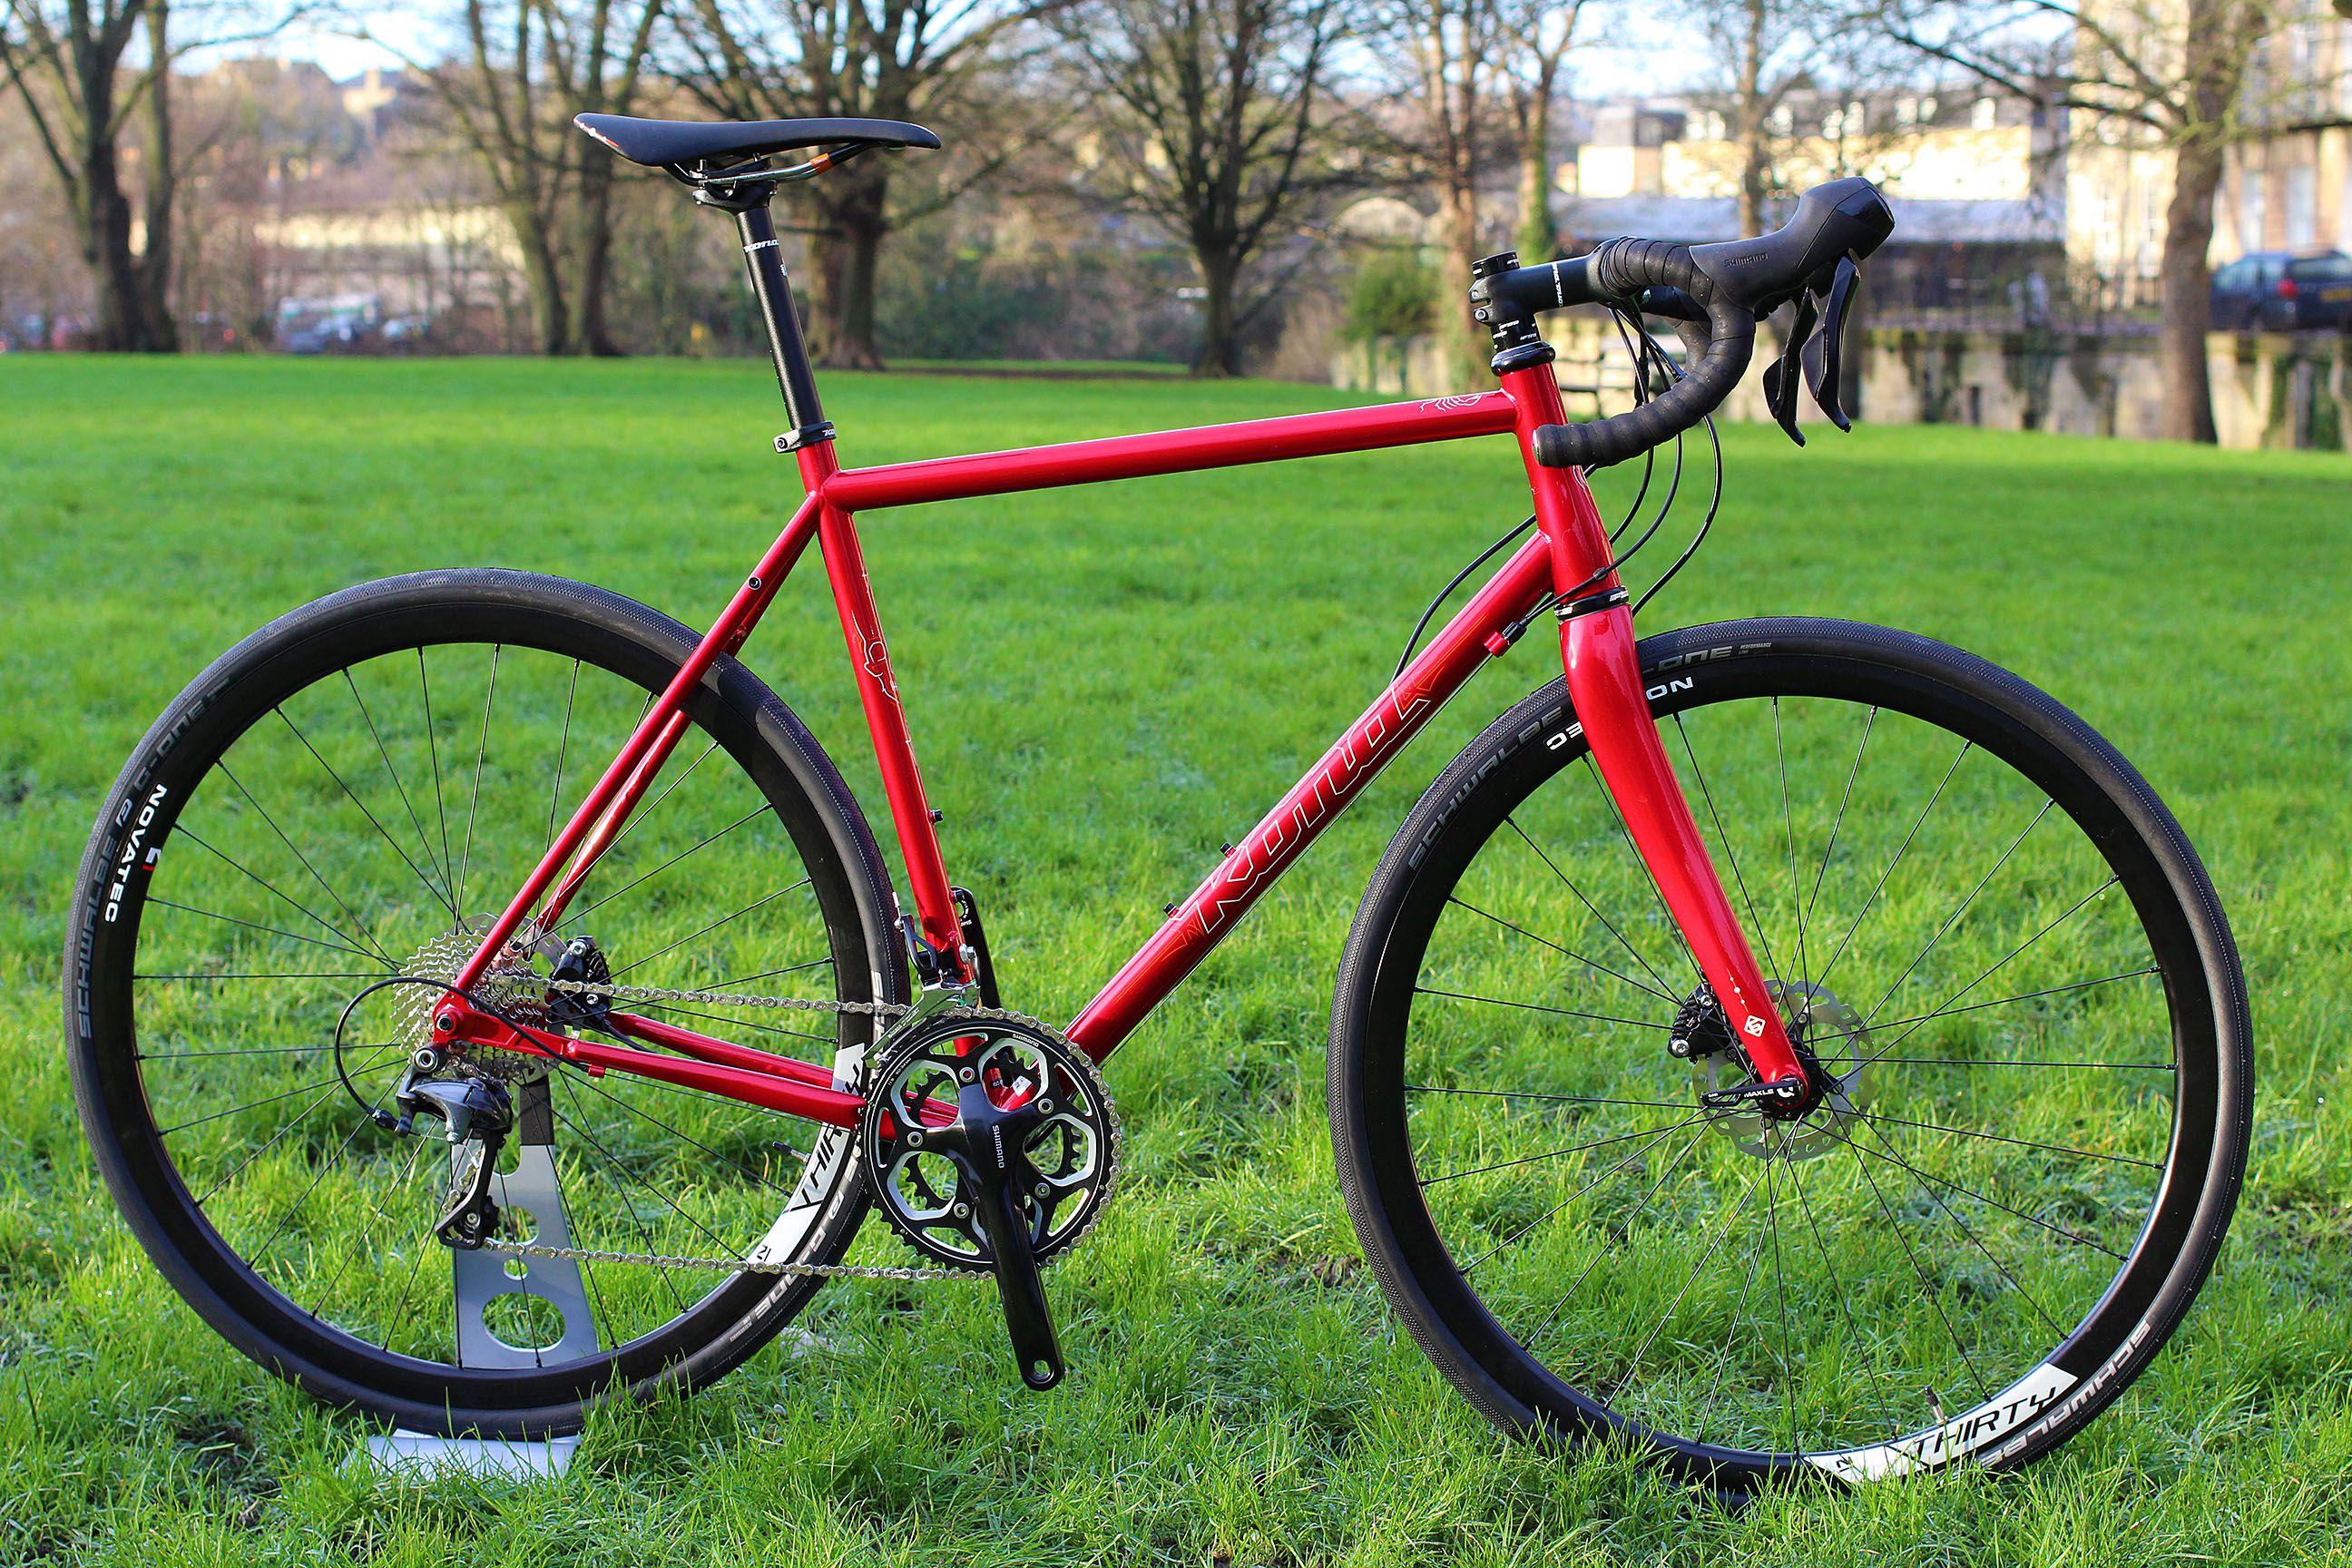 Just in: Kona Roadhouse, £1,699 Reynolds 853 disc-equipped bike ...